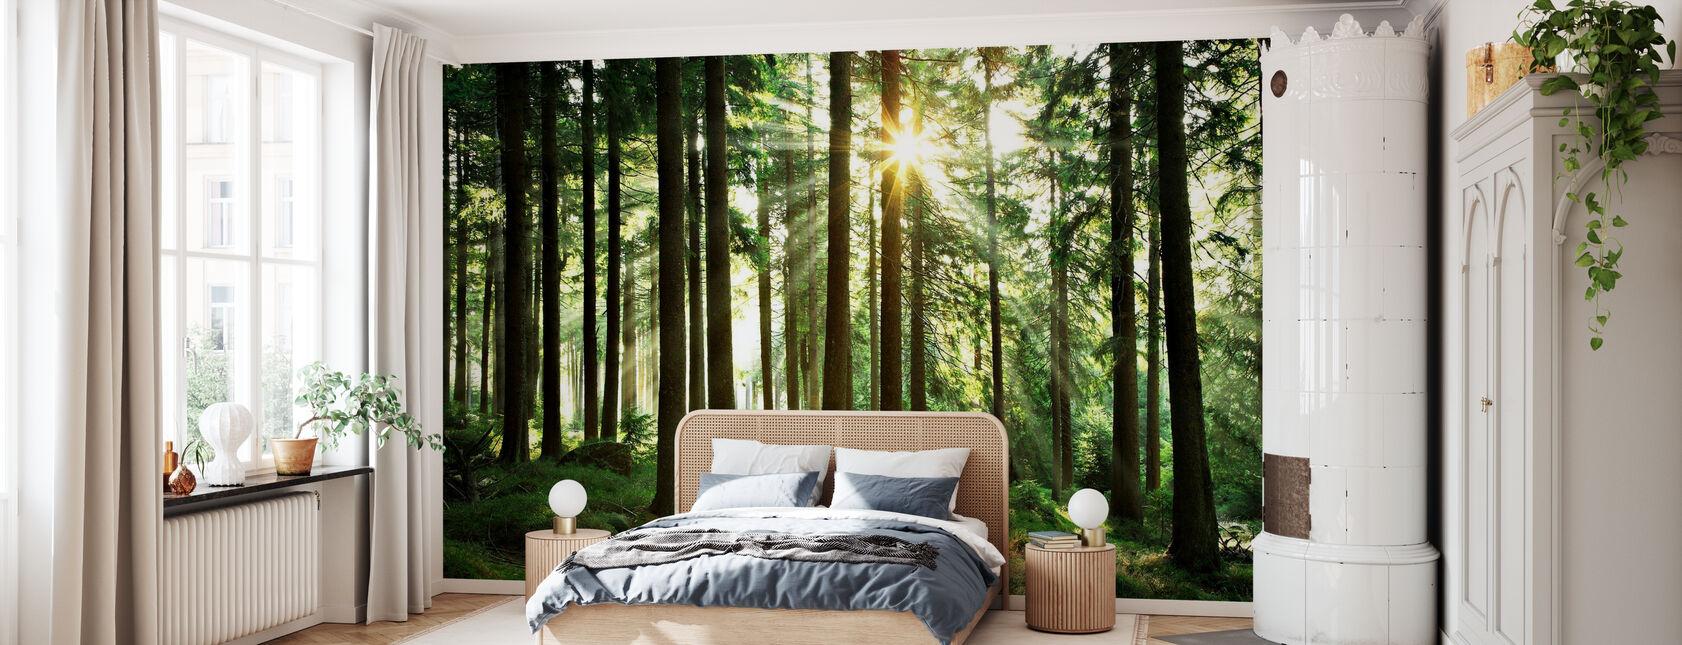 Solstråle gjennom Trær - Tapet - Soverom